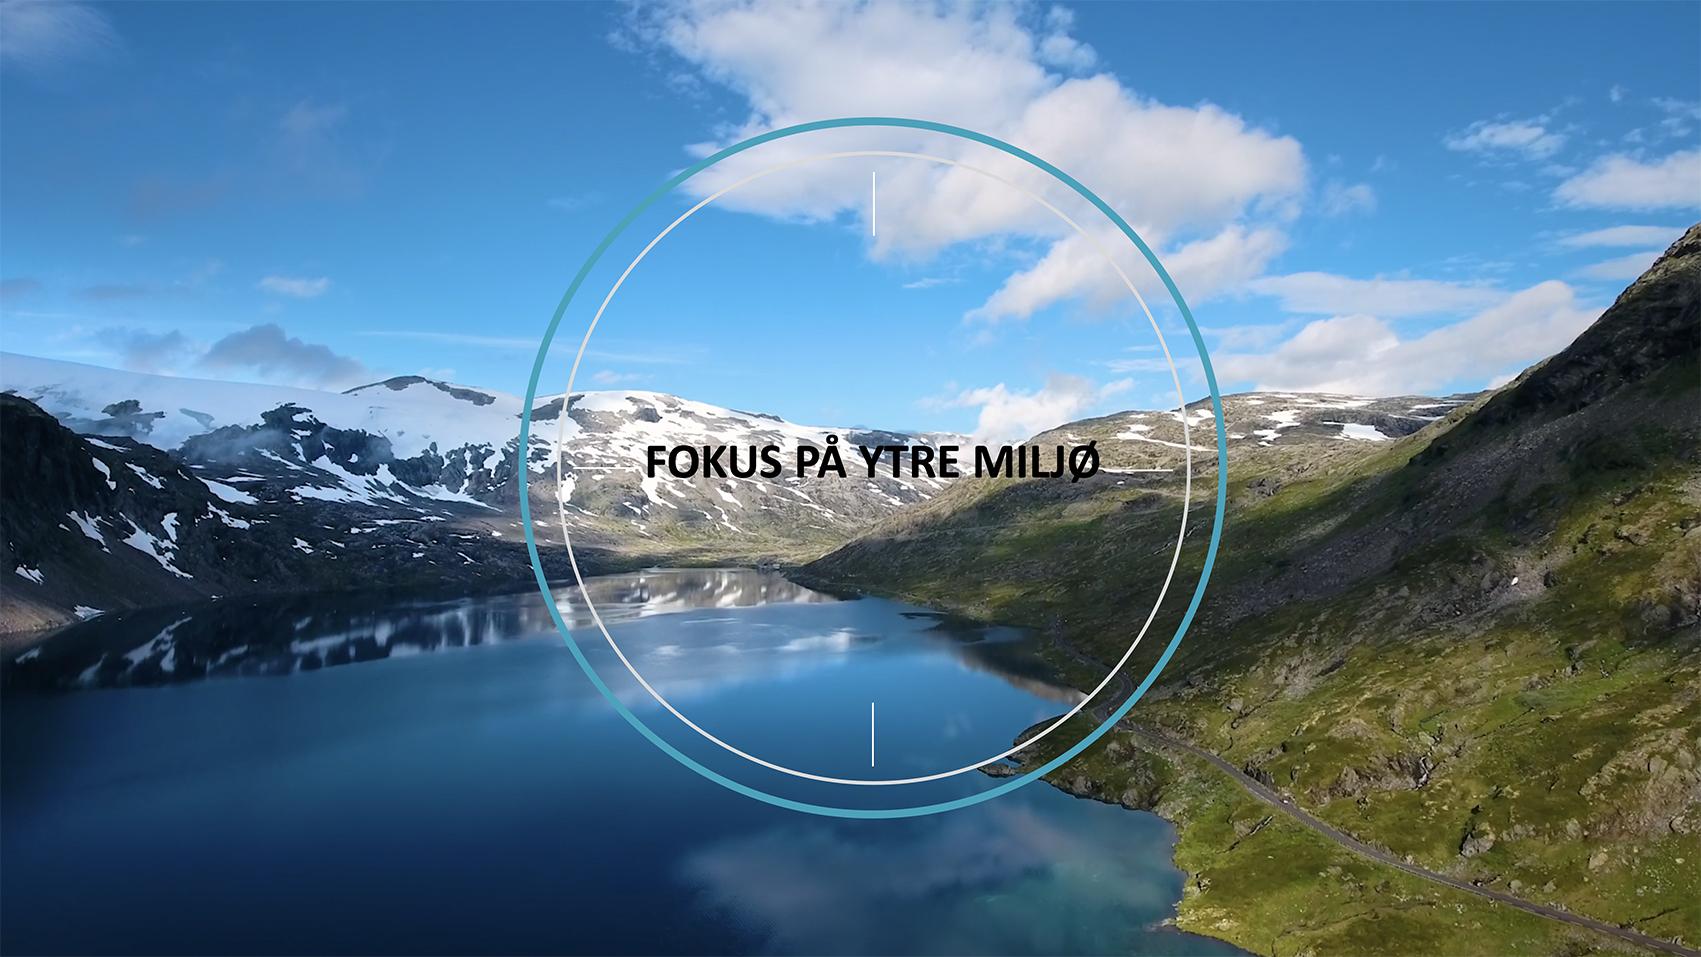 Studiop Vestland - Fokus på ytre miljø